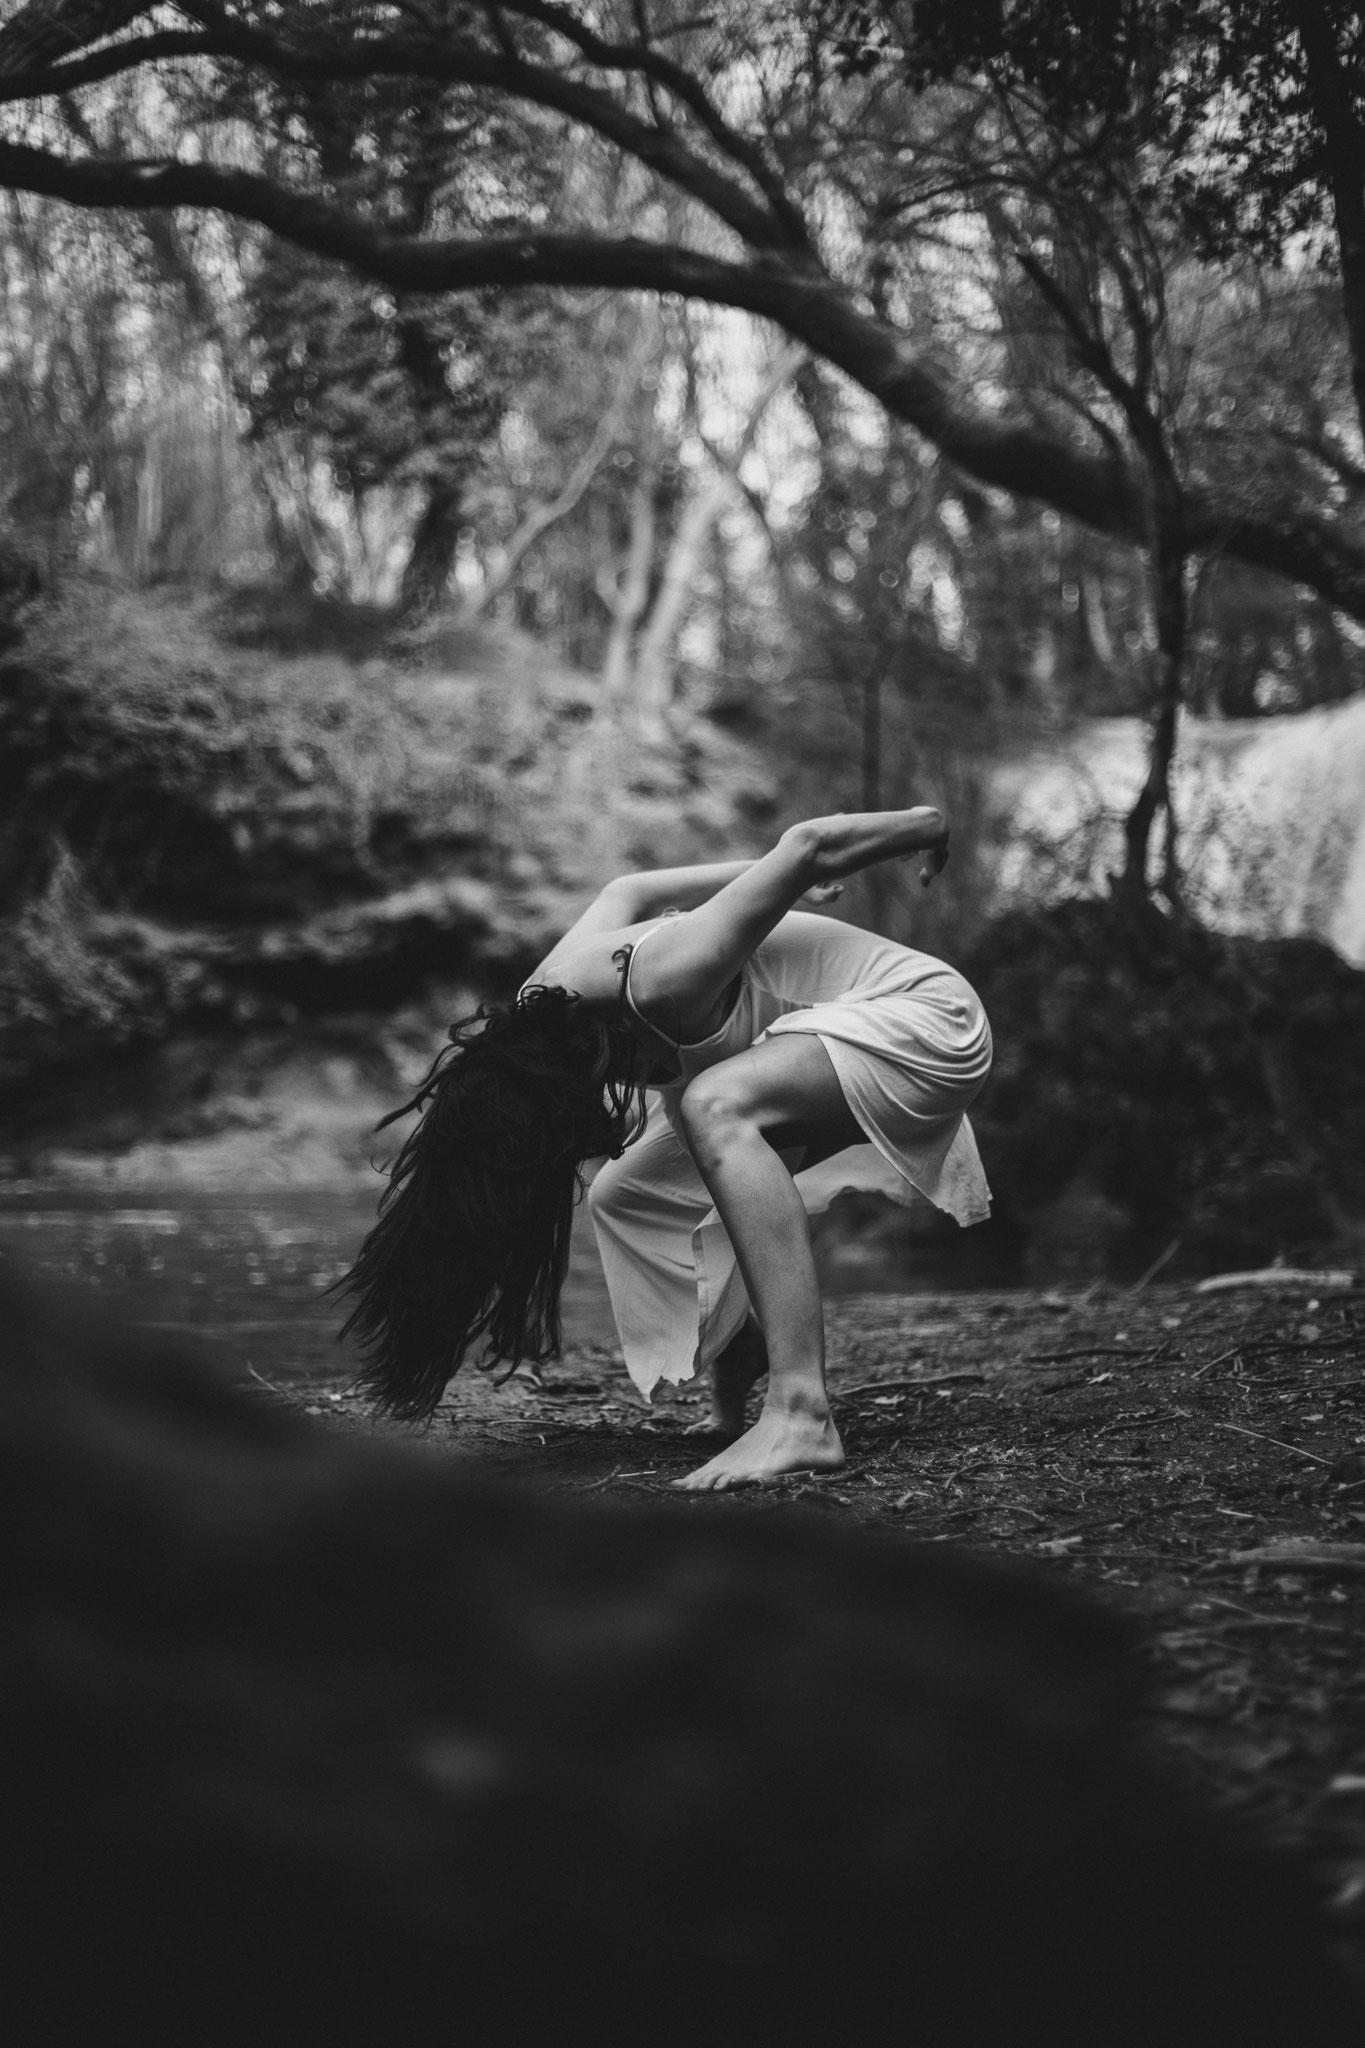 Danse-nature-sol-forêt-contemporain danseuse roule par terre portrait Bouche-du-Rhône Var Barjols Saint-Maximin-la-Sainte-Baume émotion